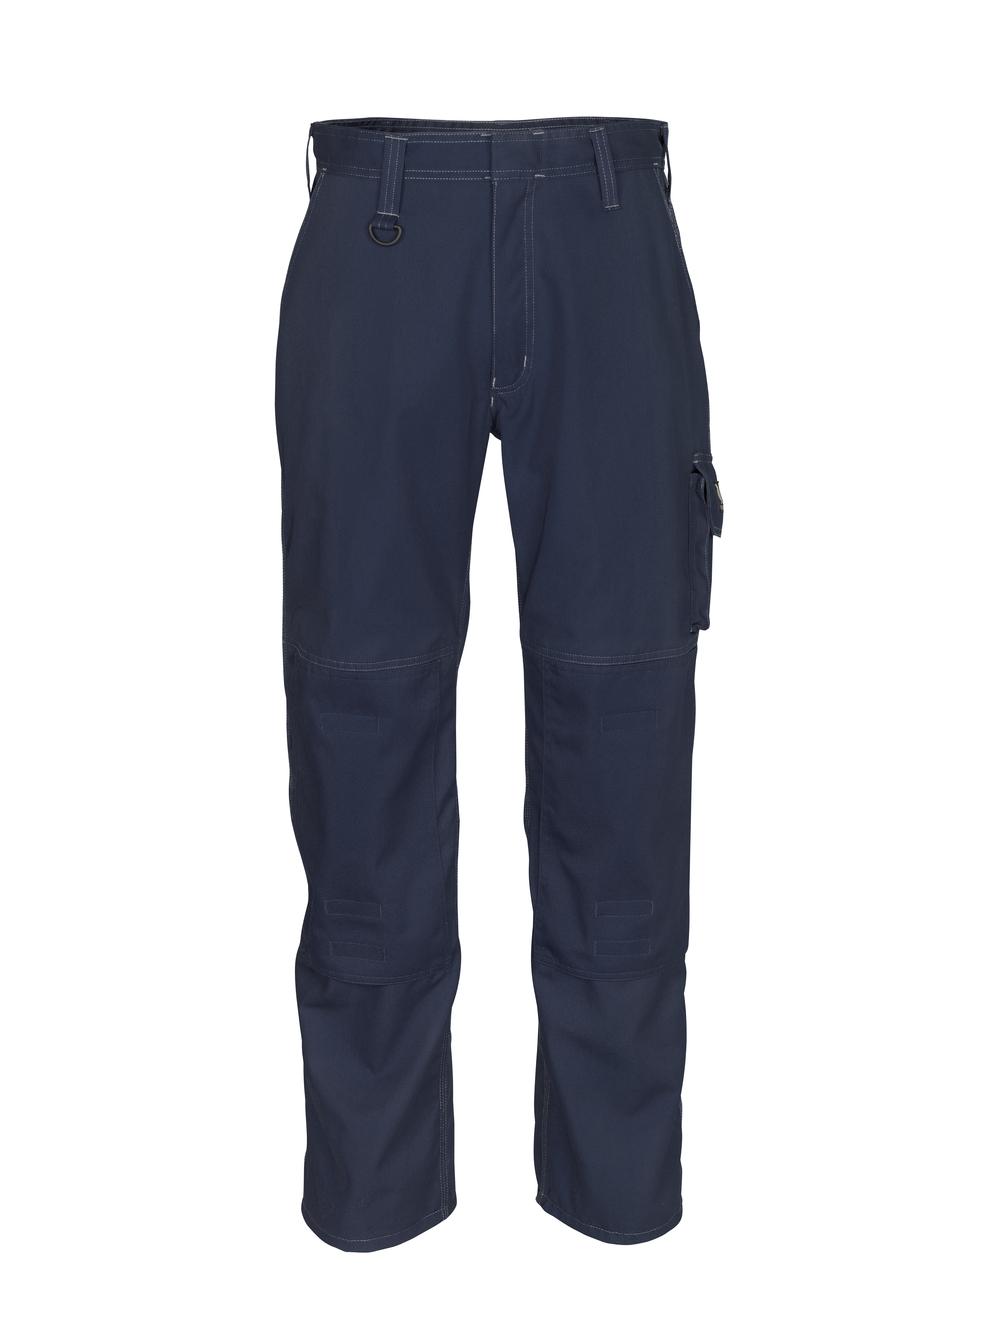 12355-630-010 Pantaloni con tasche porta-ginocchiere - blu navy scuro